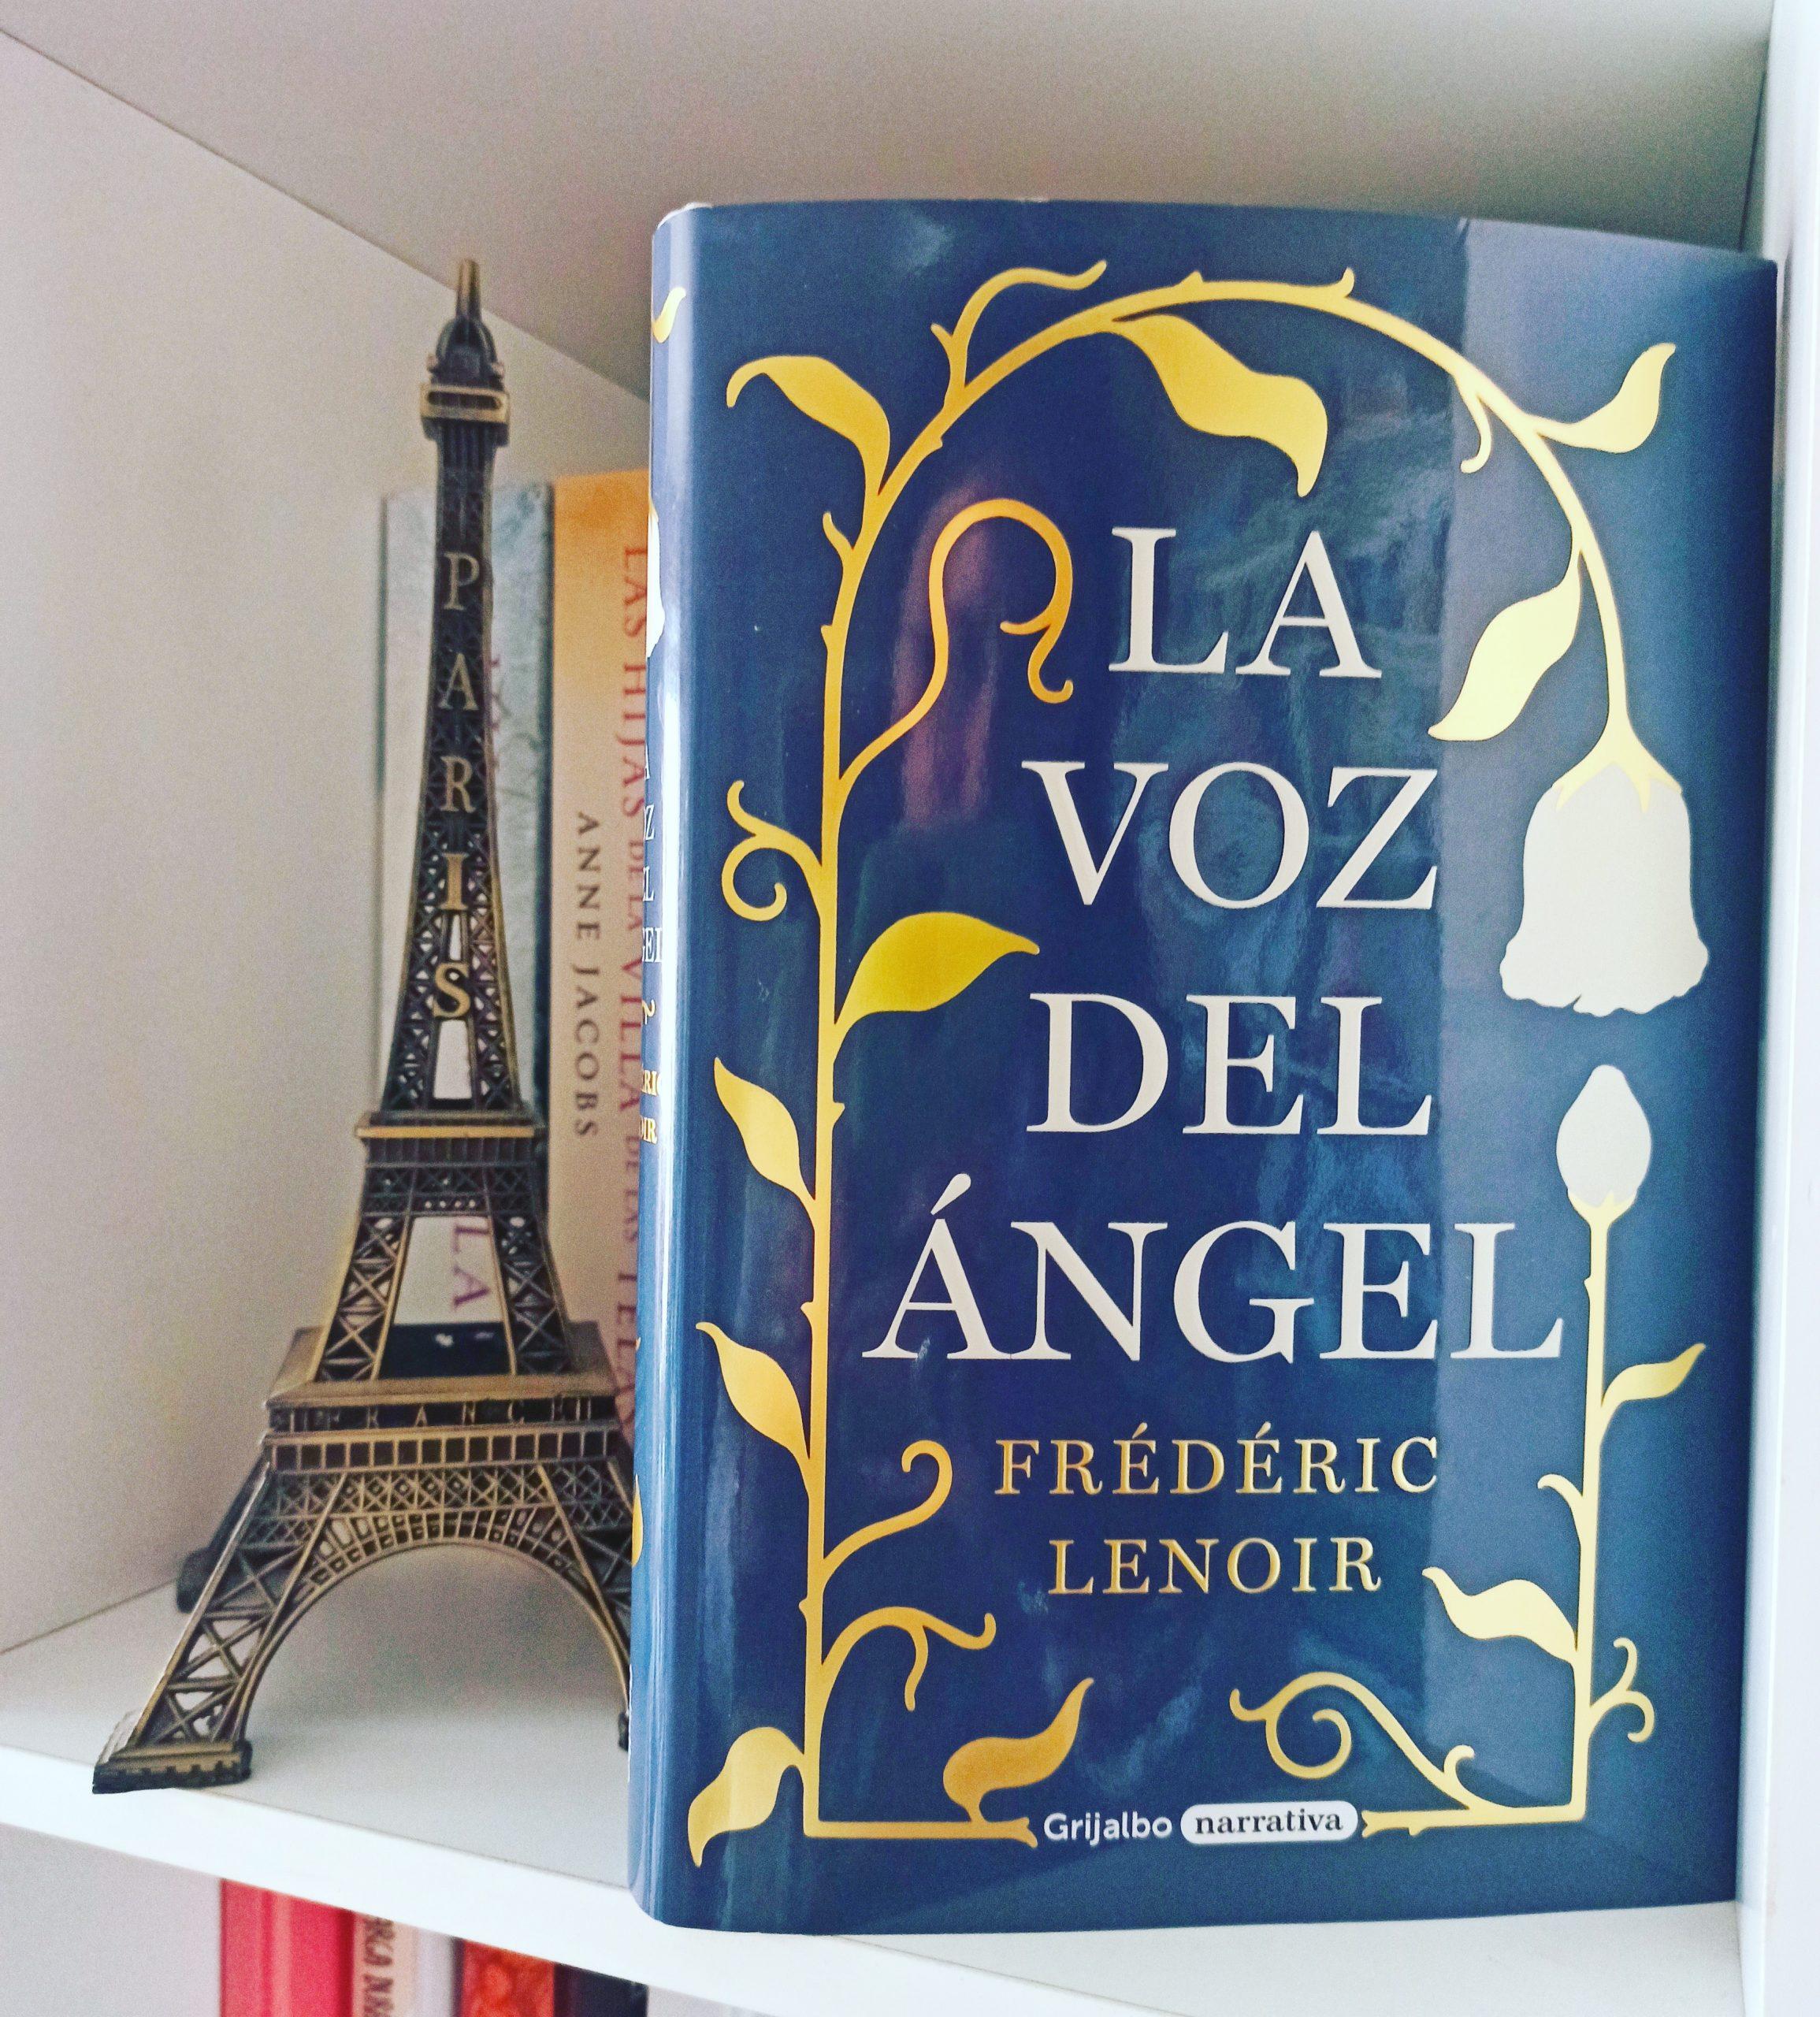 LA VOZ DEL ÁNGEL, de Frédéric Lenoir.